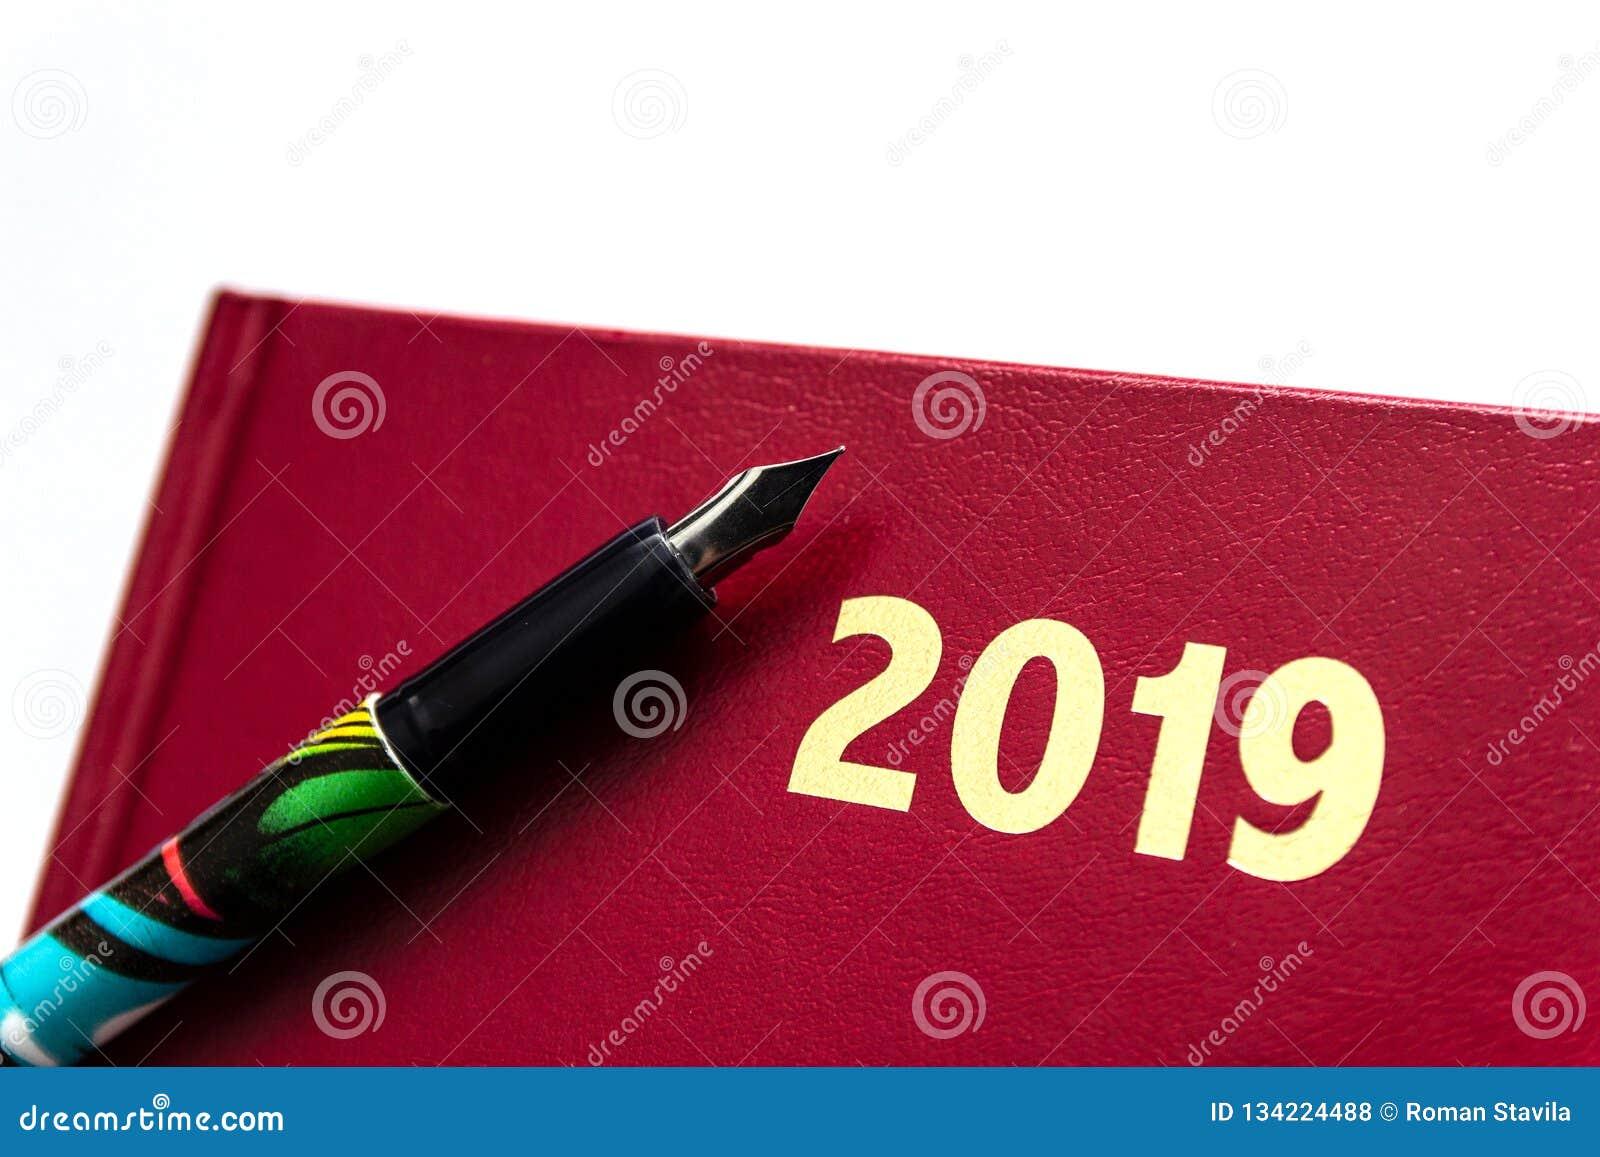 Zamyka w górę 2019 czerwonych rzemiennych dzienniczków z fontanny piórem na białym tle